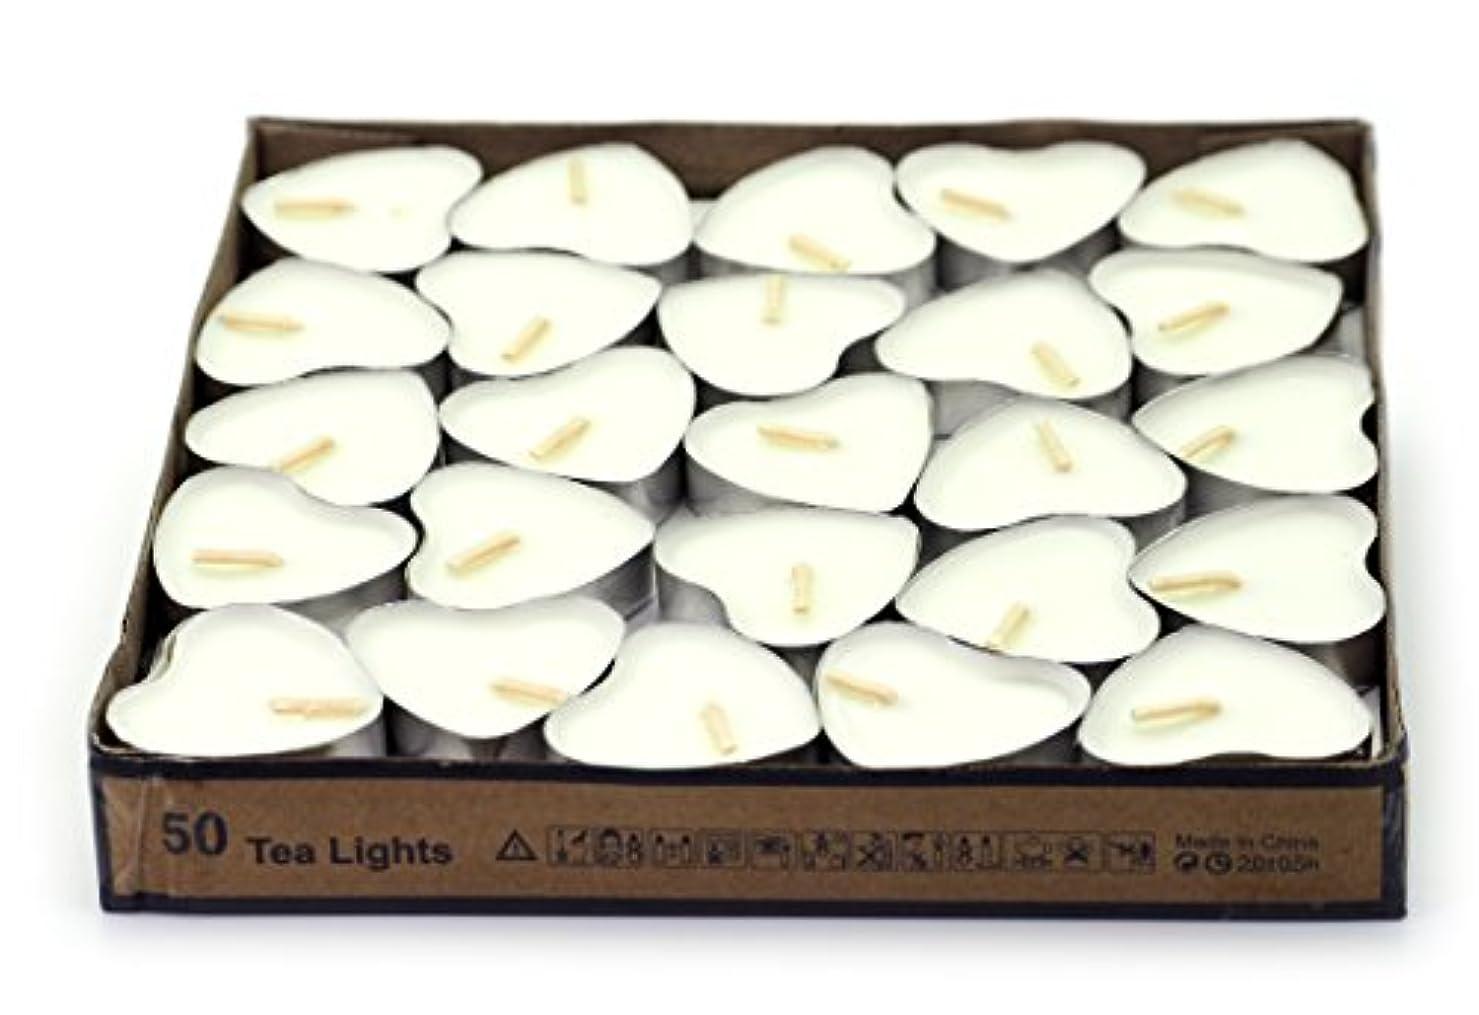 シチリア東ティモール乏しい(White(jasmine)) - Creationtop Scented Candles Tea Lights Mini Hearts Home Decor Aroma Candles Set of 50 pcs mini...